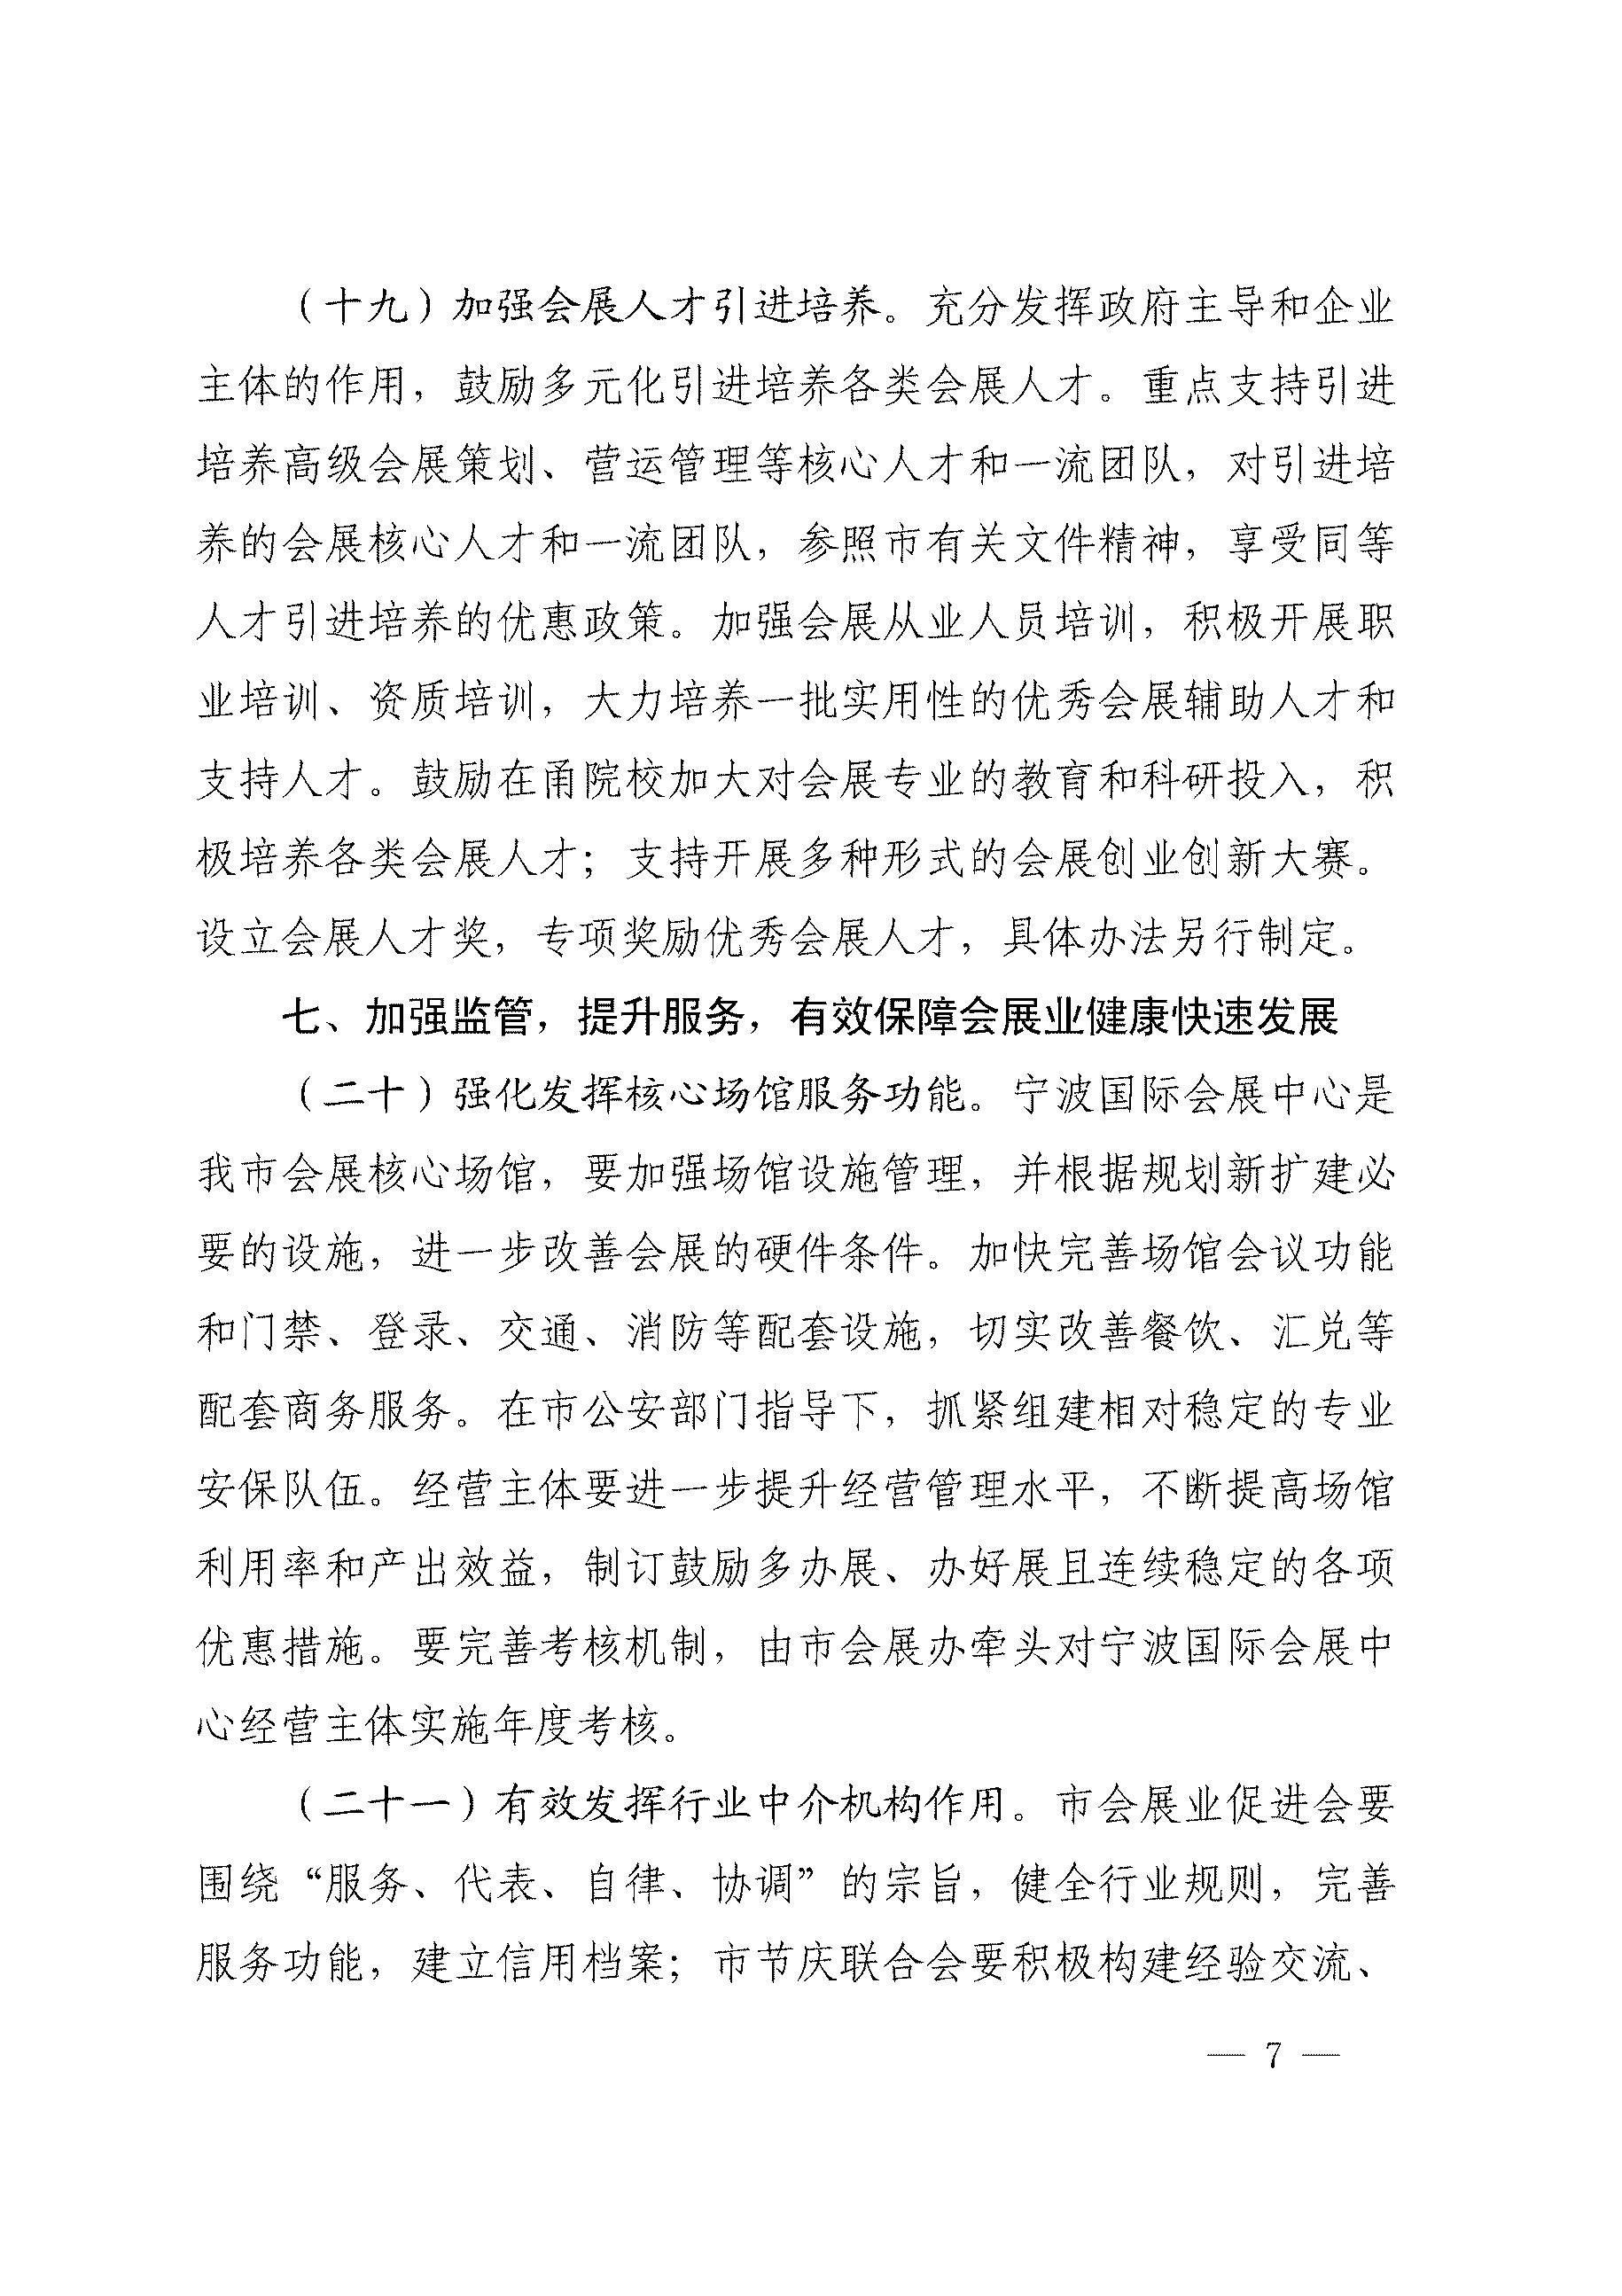 【新】博猫登录网址市人民政府关于进一步推进区域性国际会展之都建设的若干意见_p07.jpg